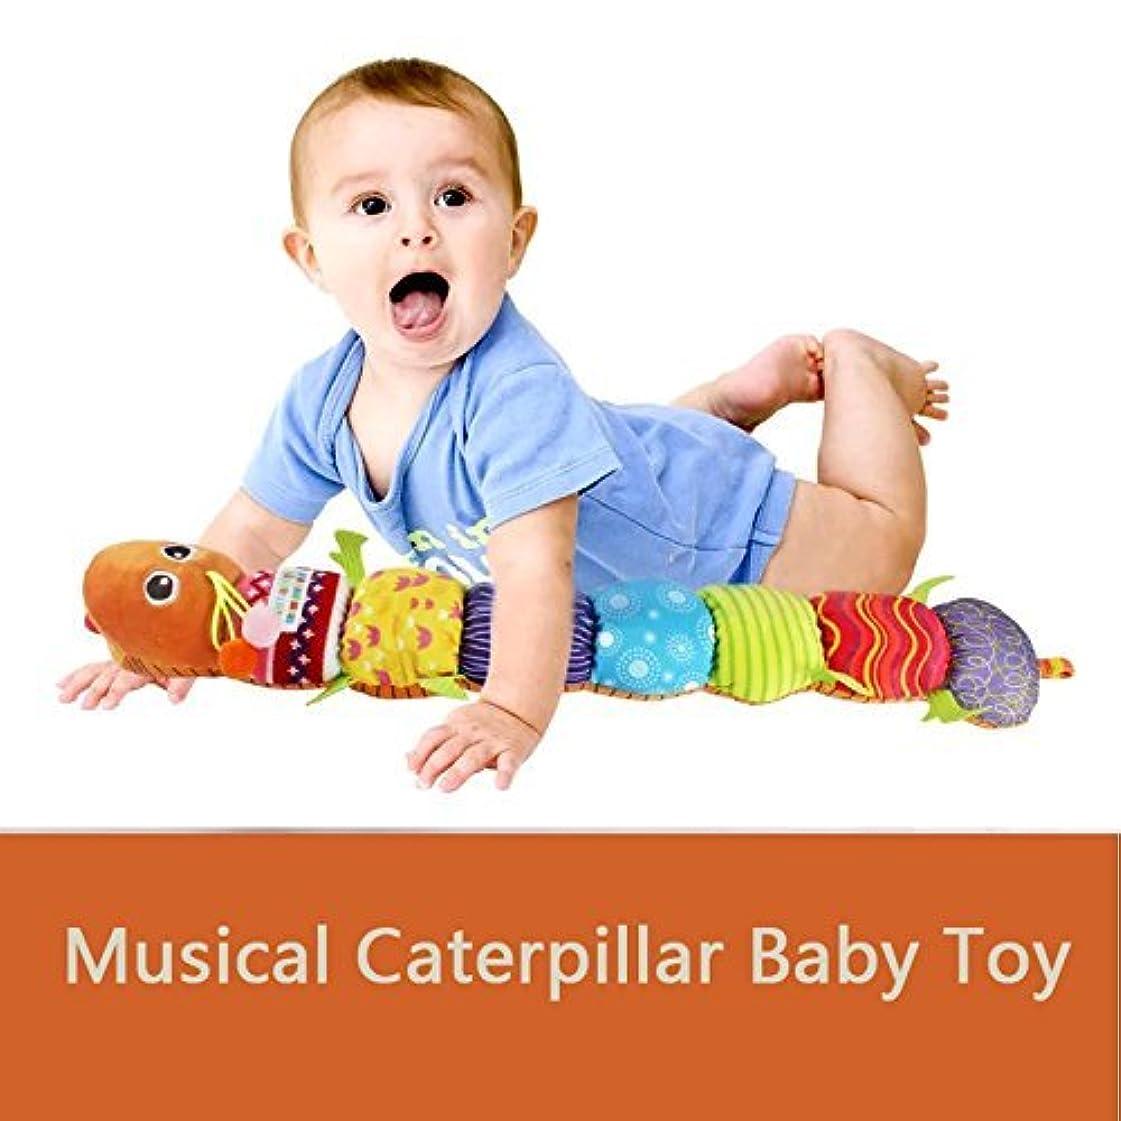 ベーリング海峡値下げ公園hiltow Musical赤ちゃんおもちゃ、ソフトカラフルな幼児おもちゃインタラクティブWorm玩具Developmental教育Plush Stuffed Toy withルーラーデザイン、ベル、教育幼児用Rattle Plush Toy